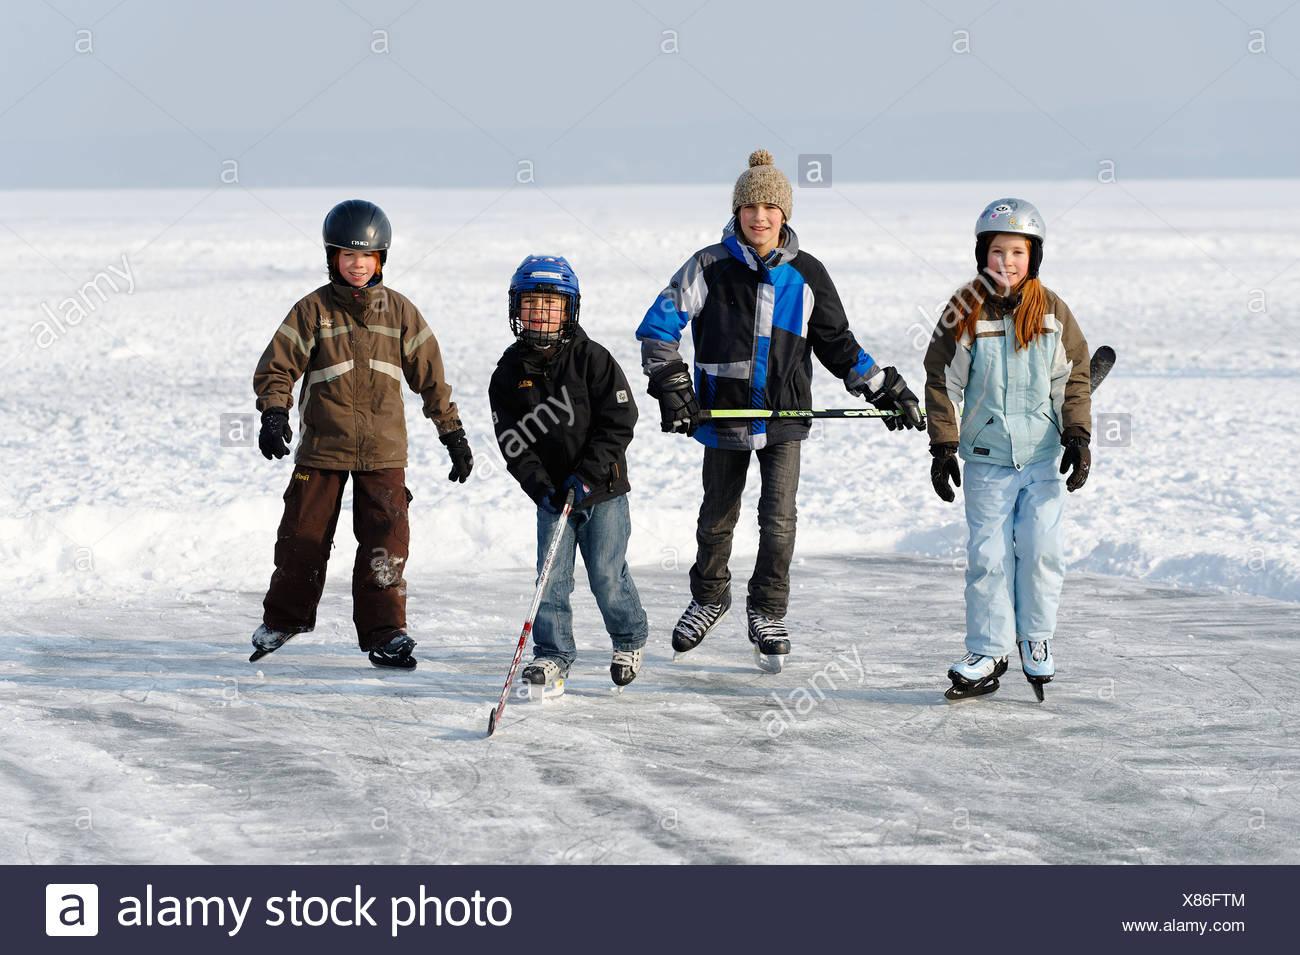 Les enfants jouer au hockey sur glace, près de Heinrich, le Lac de Starnberg, cinq lacs, Haute-Bavière, Bavière Photo Stock